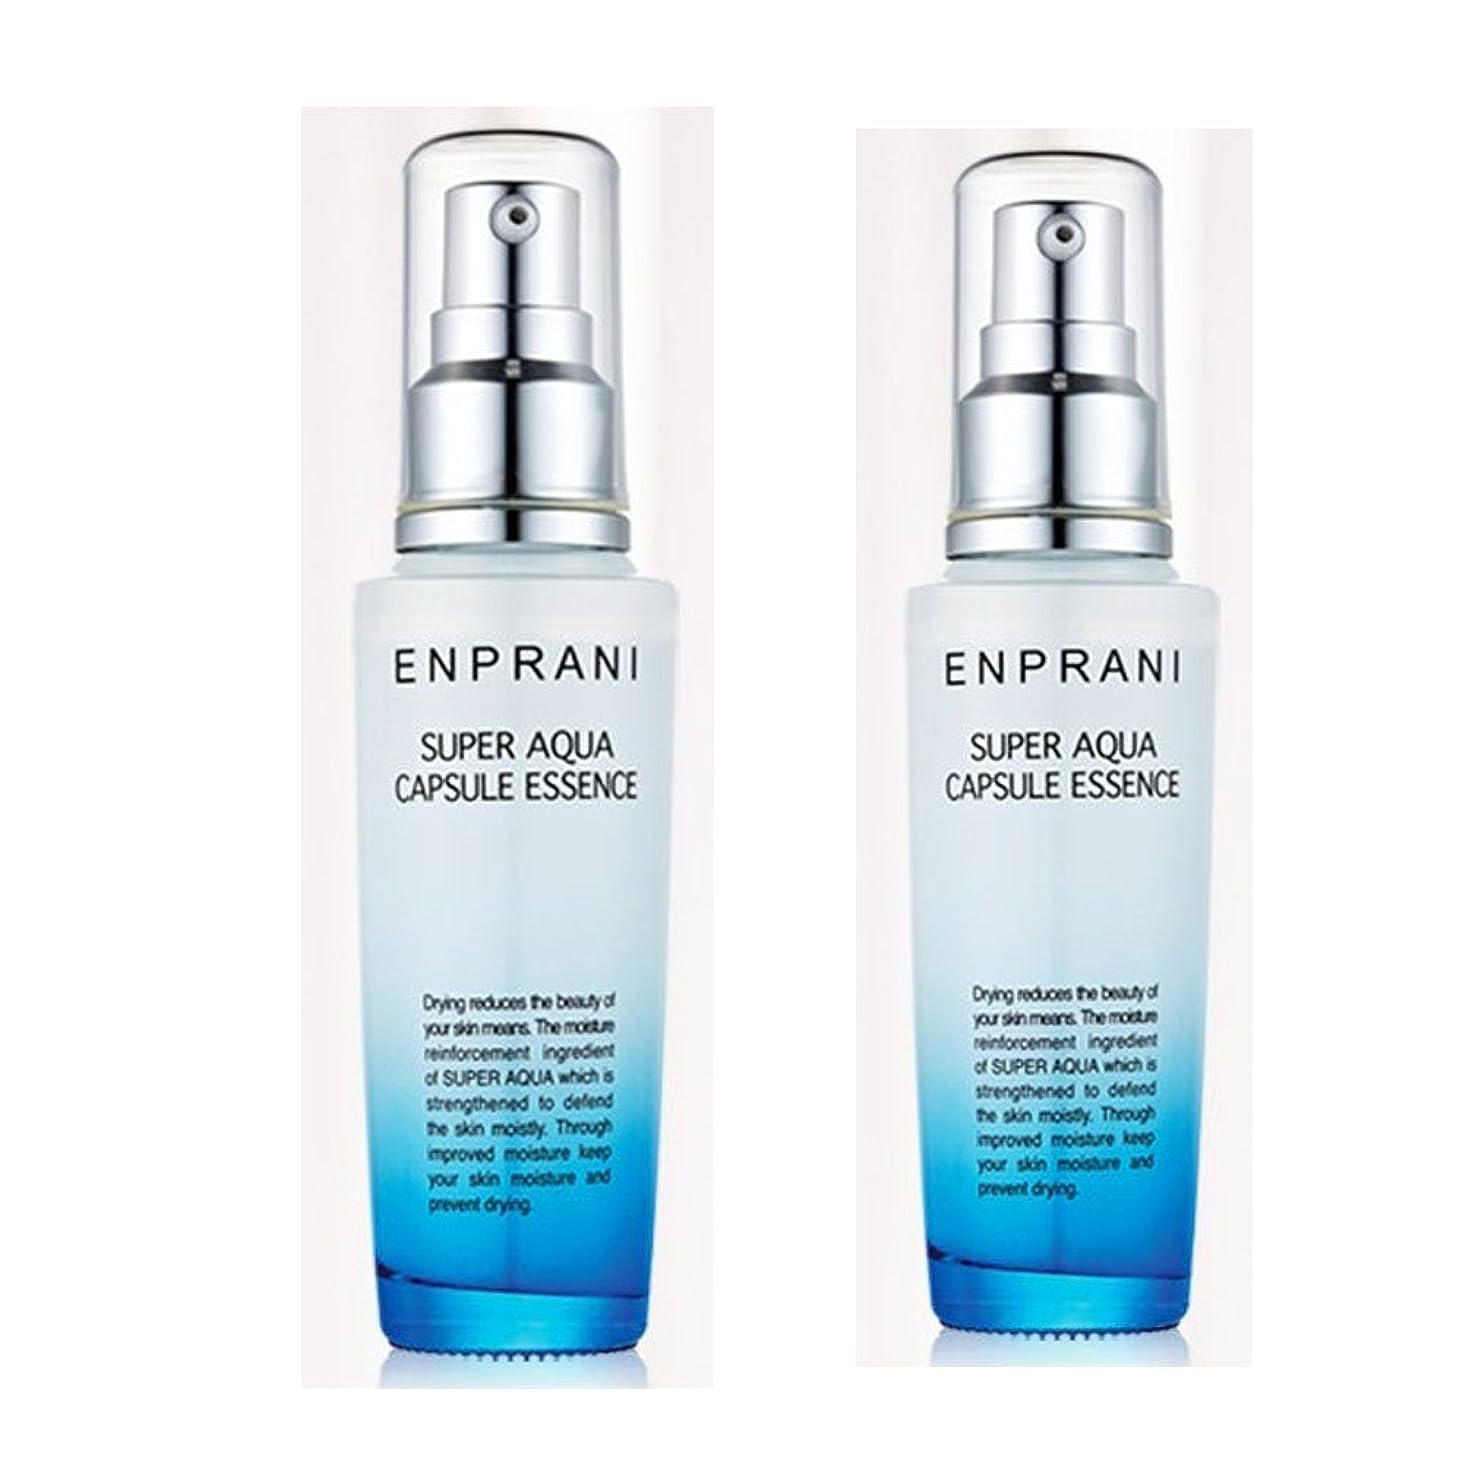 寄生虫暴動爆発するエンプラニ(ENPRANI) スーパーアクアカプセルエッセンス55ml x 2本セット、ENPRANI Super Aqua Capsule Essence 55ml x 2ea Set [並行輸入品]